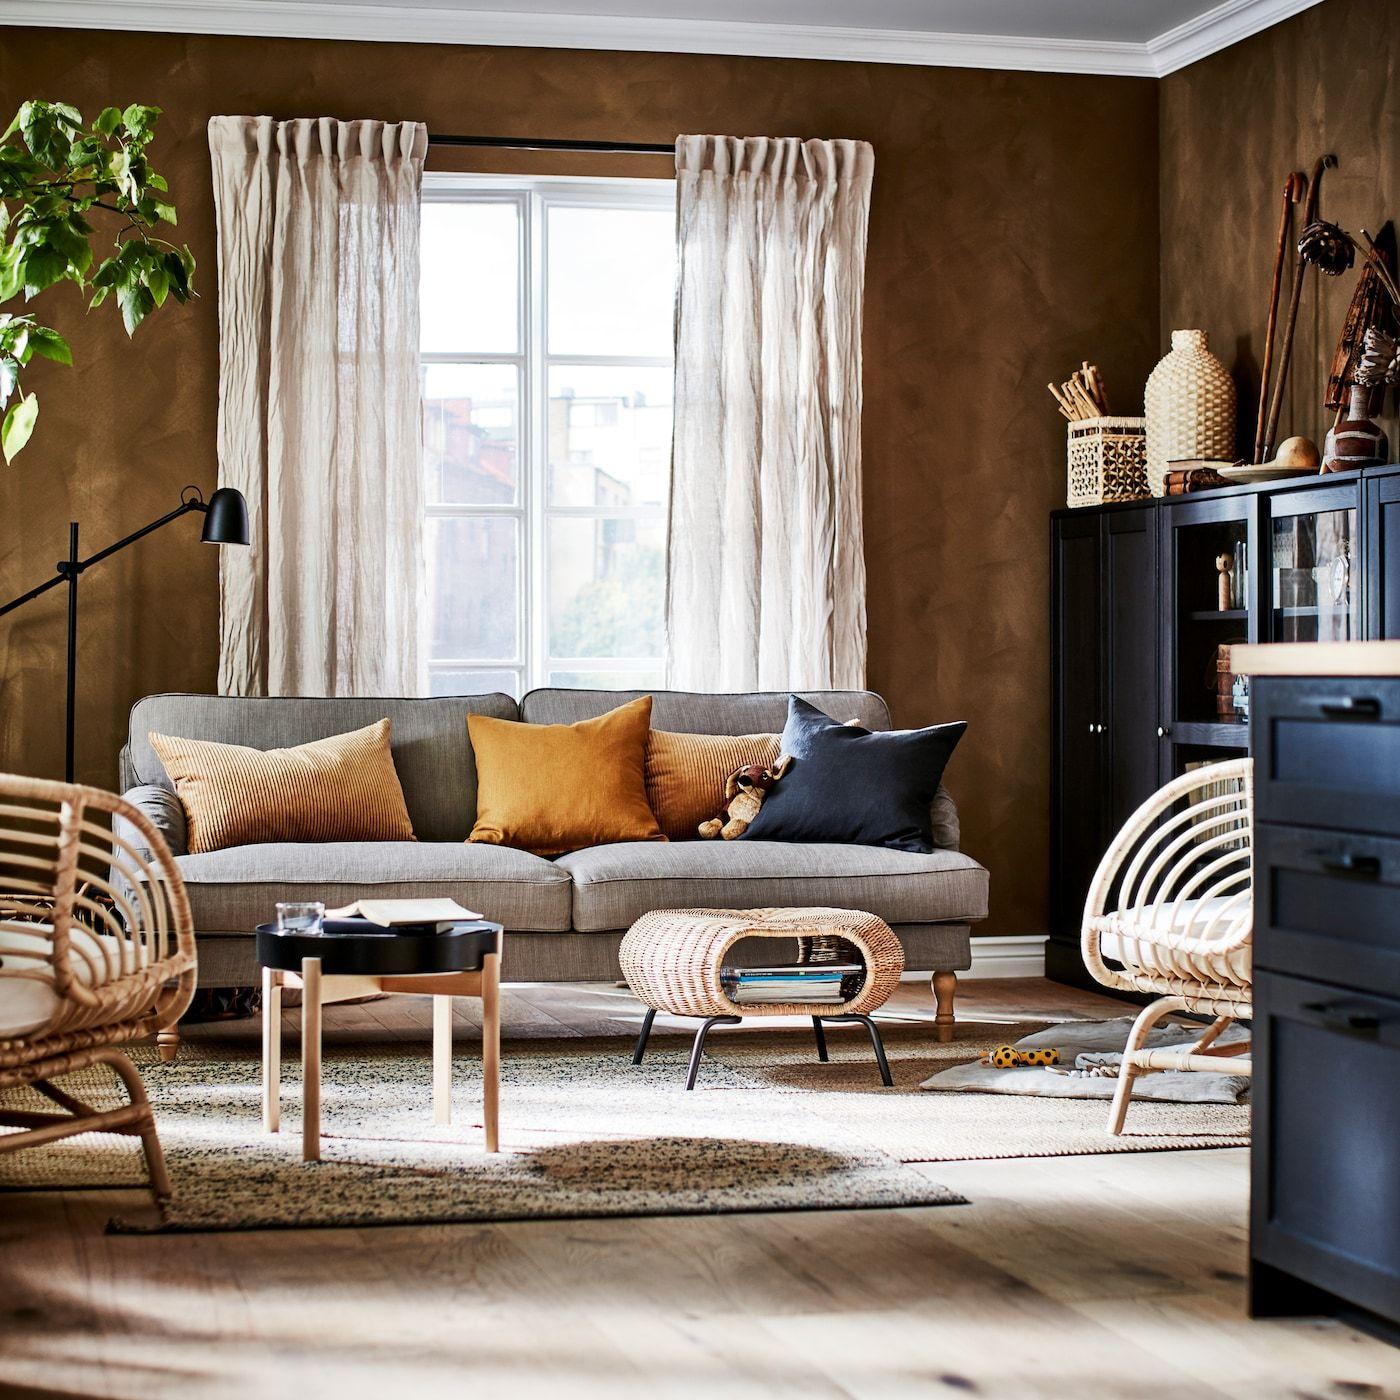 Un Salon Que Desprende Sostenibilidad Vardagsrum Ikea Vardagsrum Vardagsrum Design